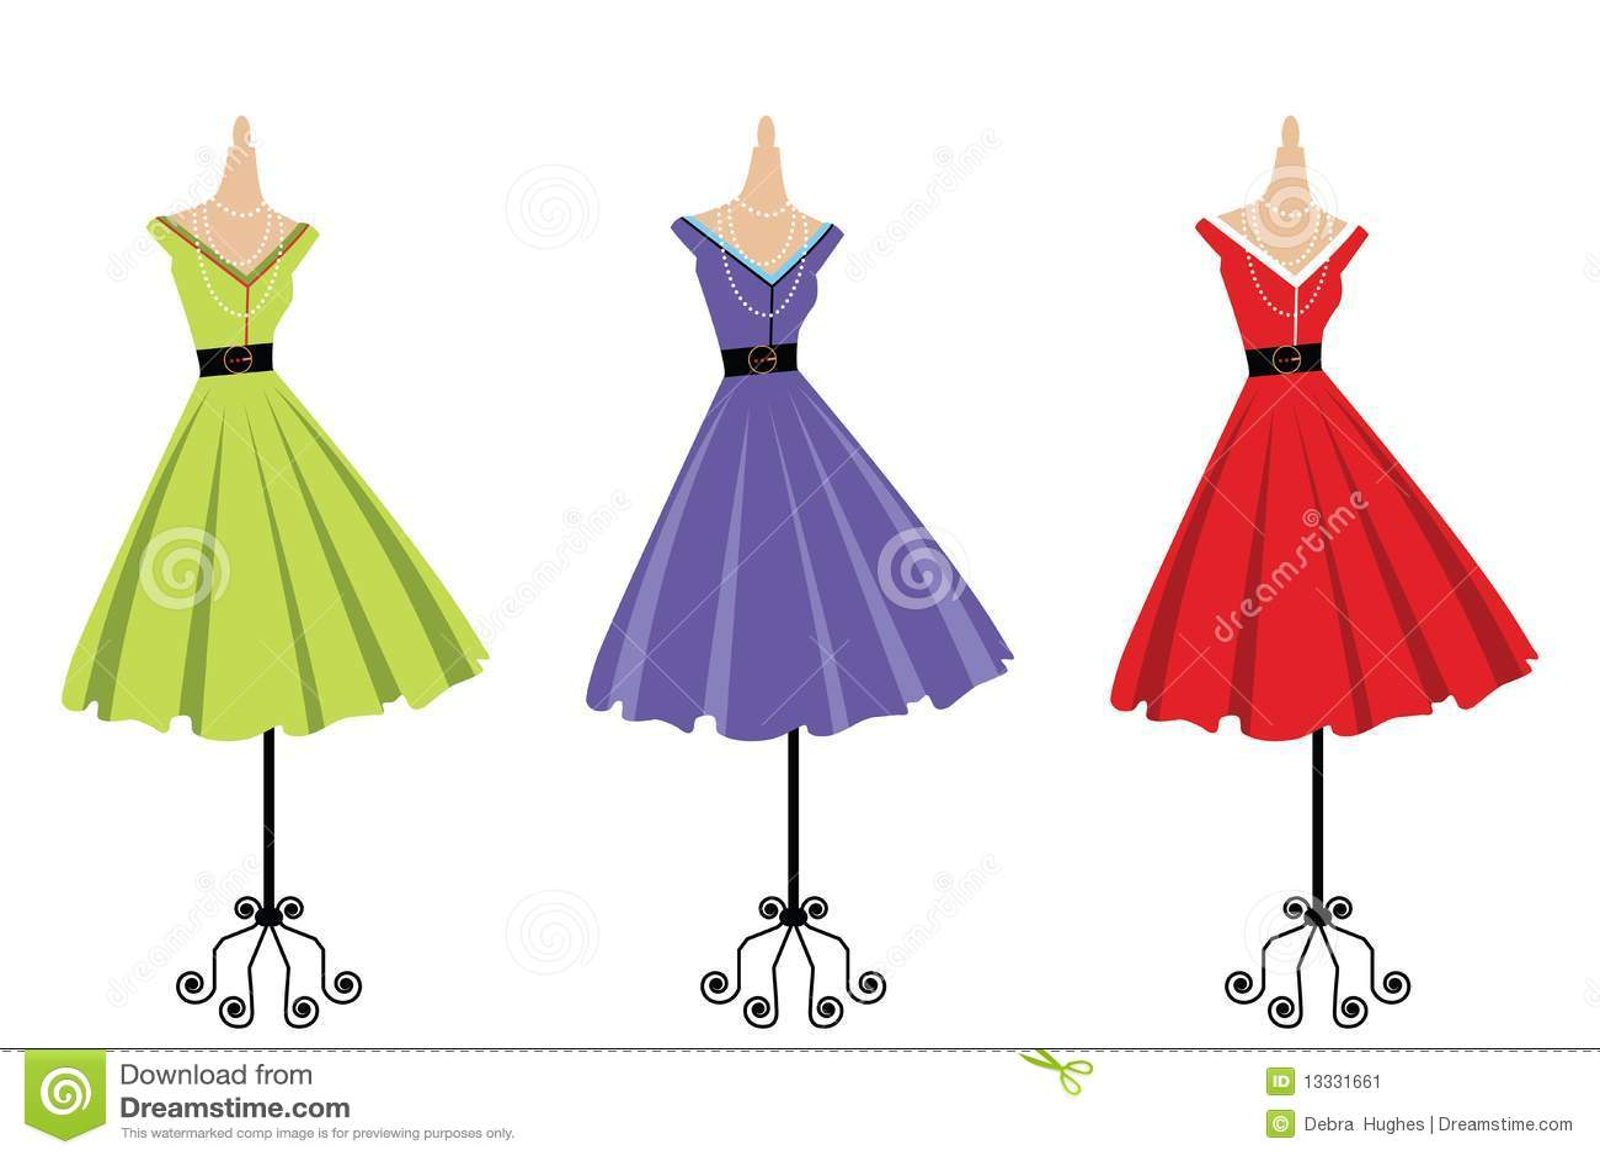 vintage dresses clipart - photo #23